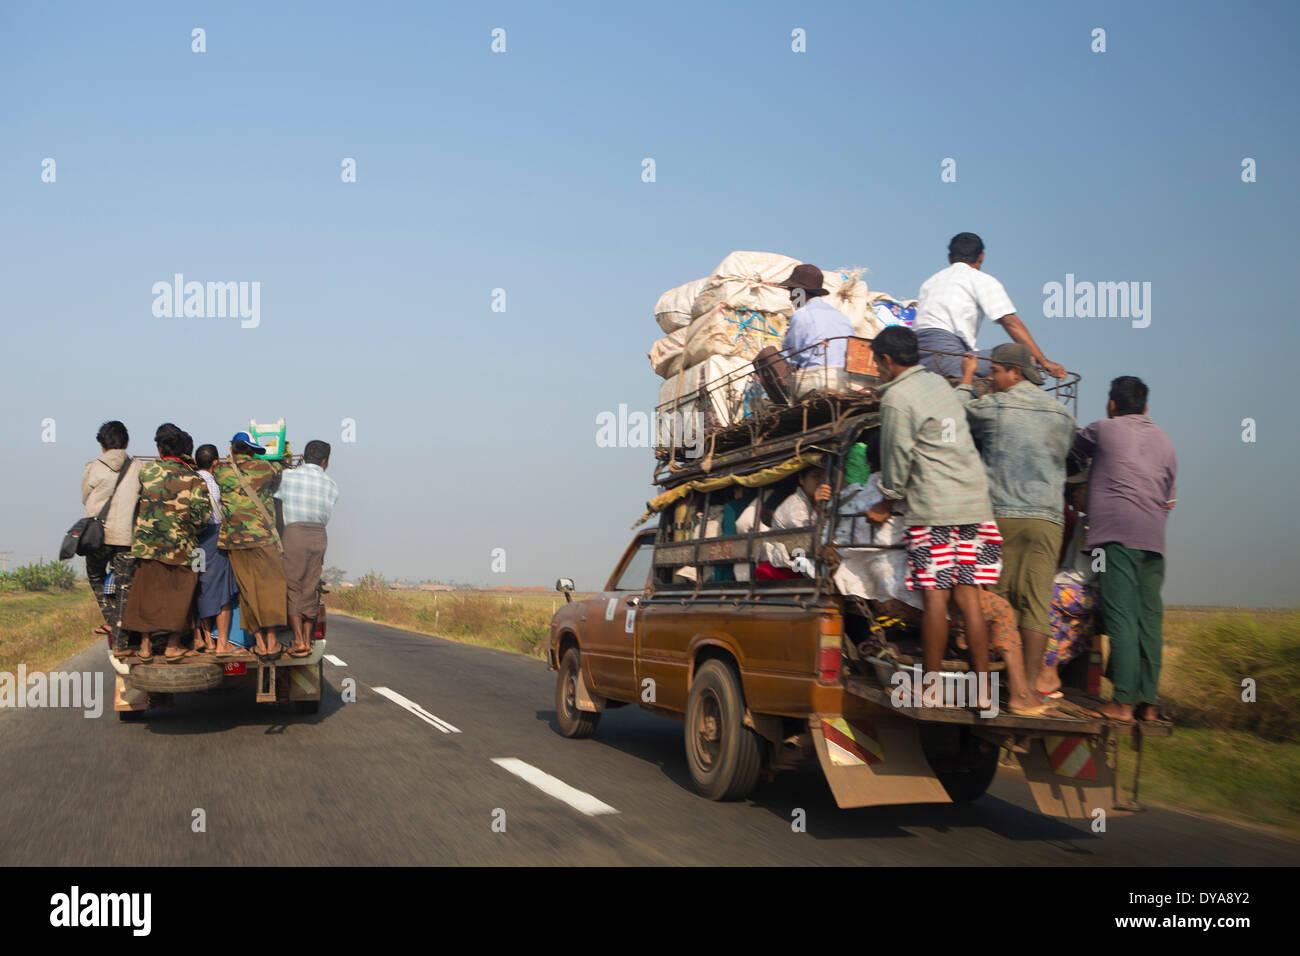 Trasporto locale, Mon, MYANMAR Birmania, Asia, pericolose, persone, traffico, carrello, sovraccarico Foto Stock